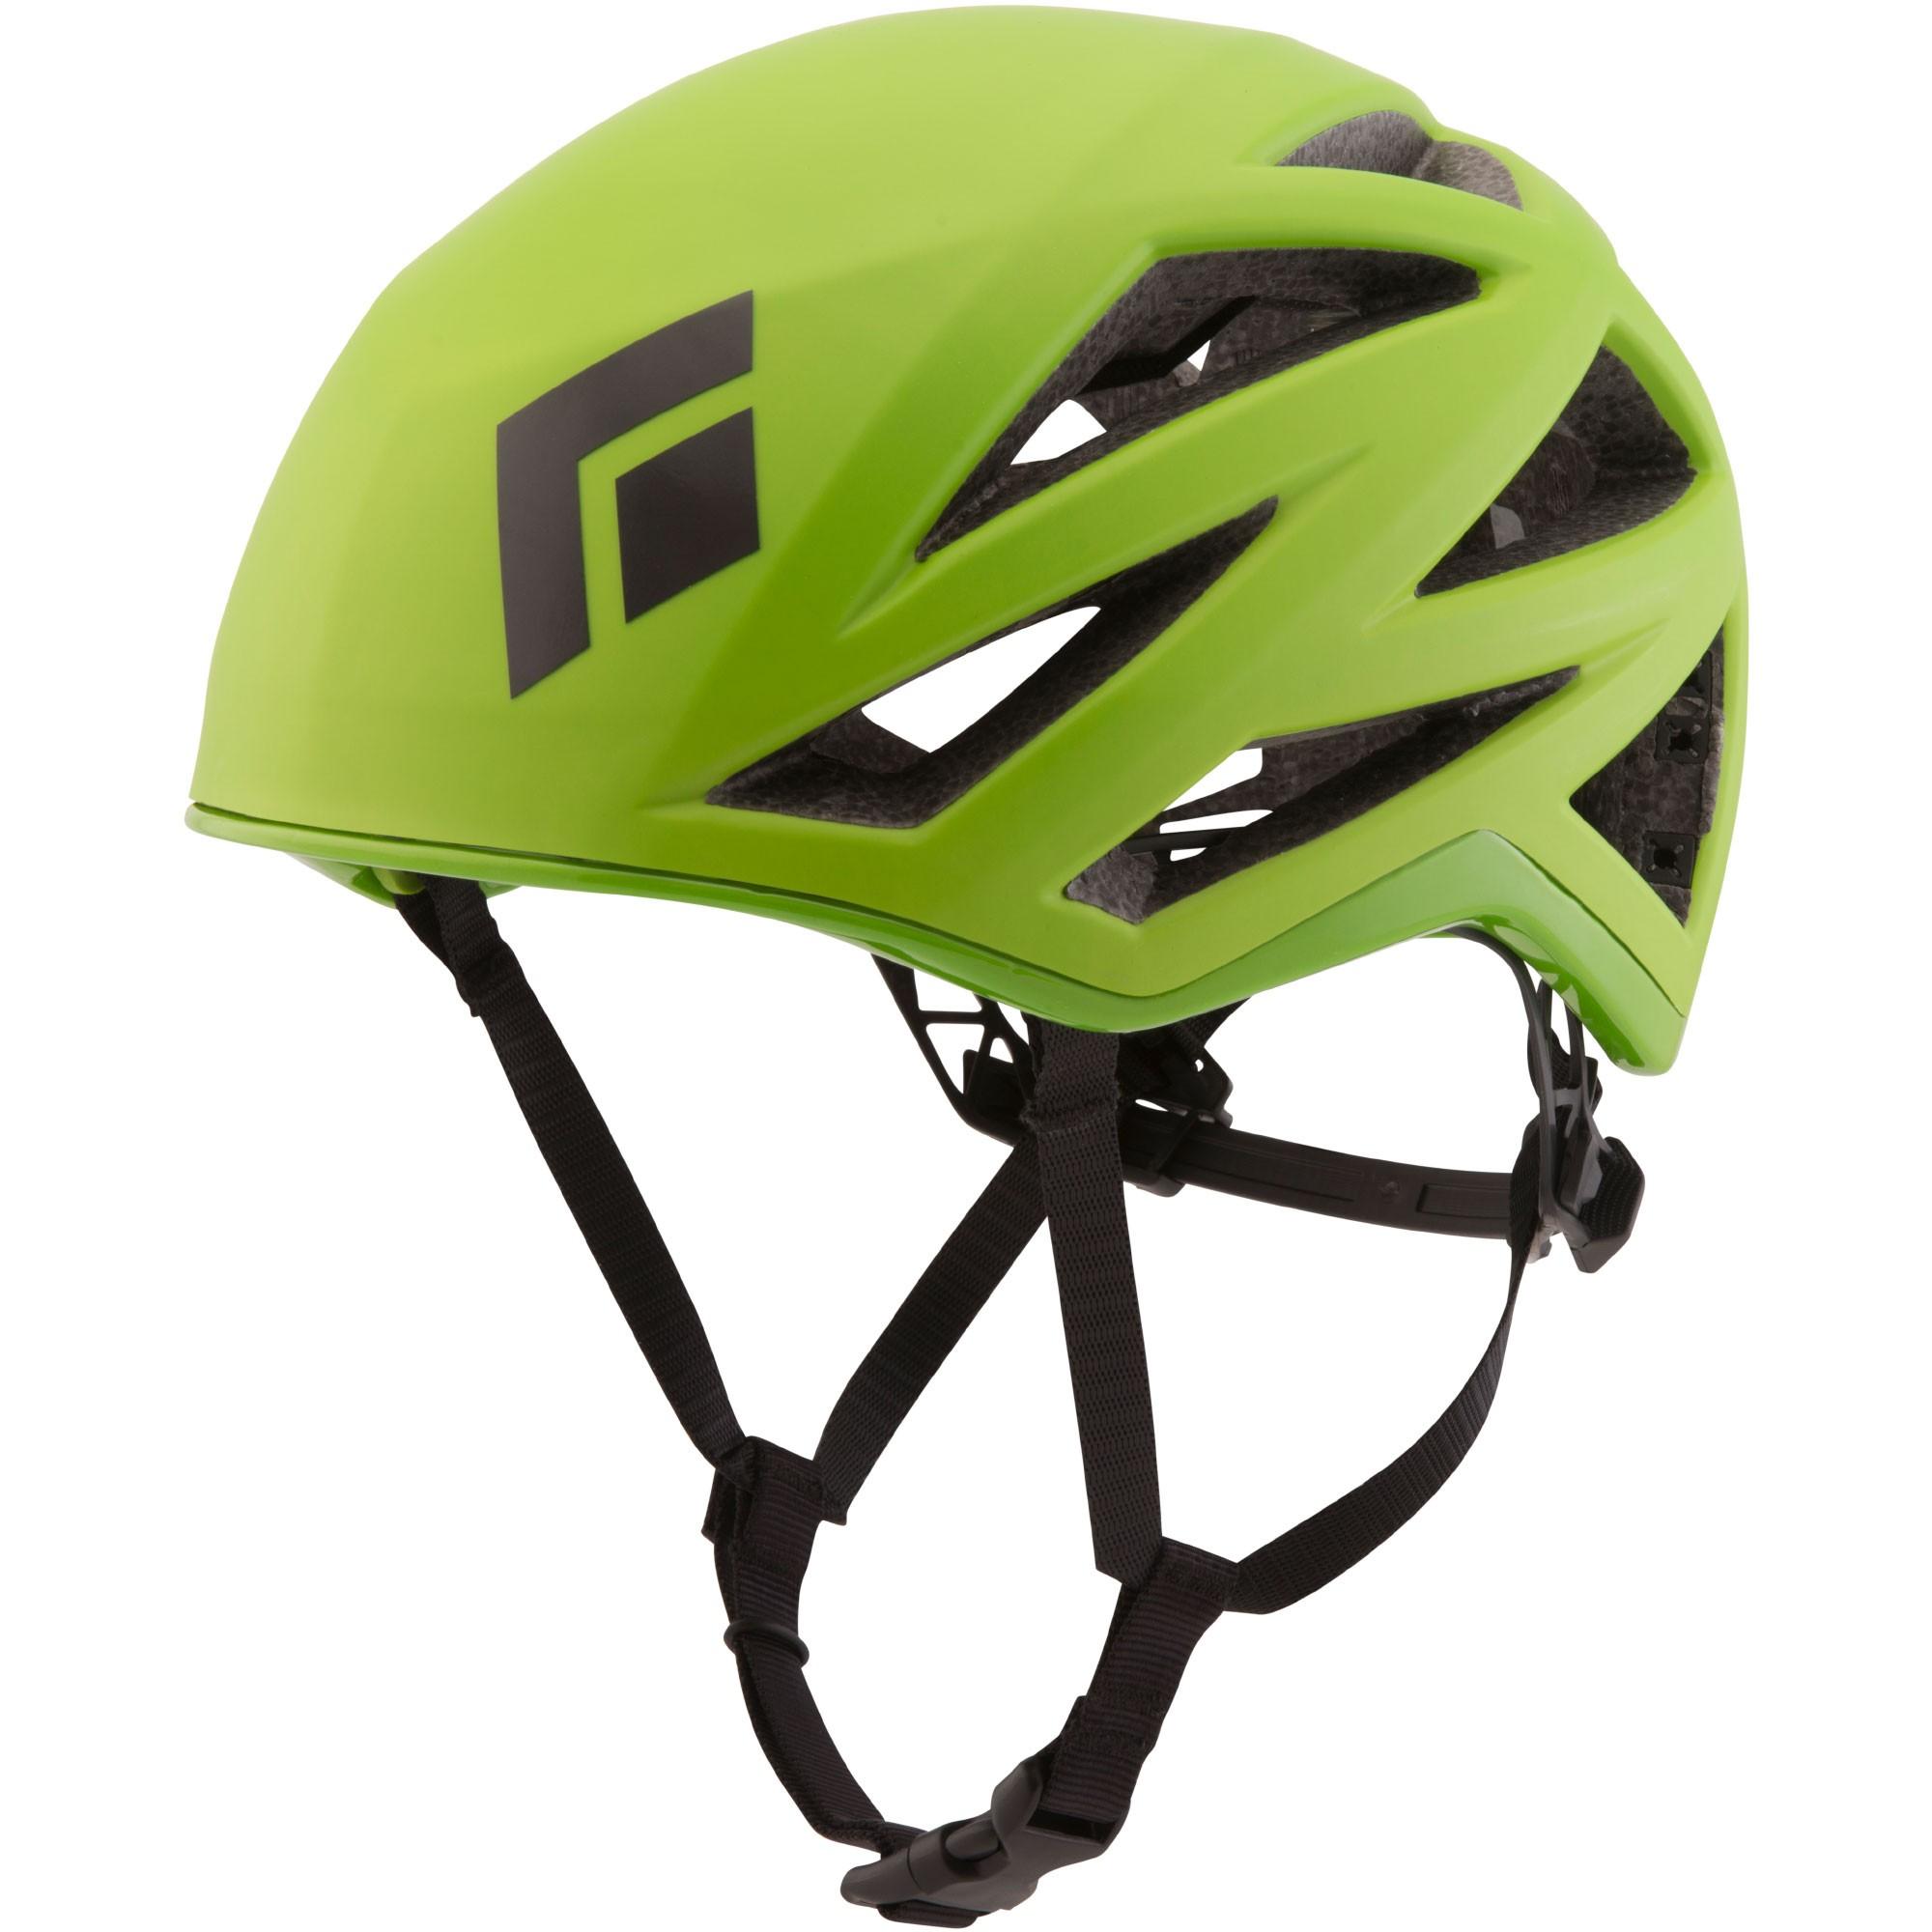 Black Diamond Vapor Helmet - Envy Green